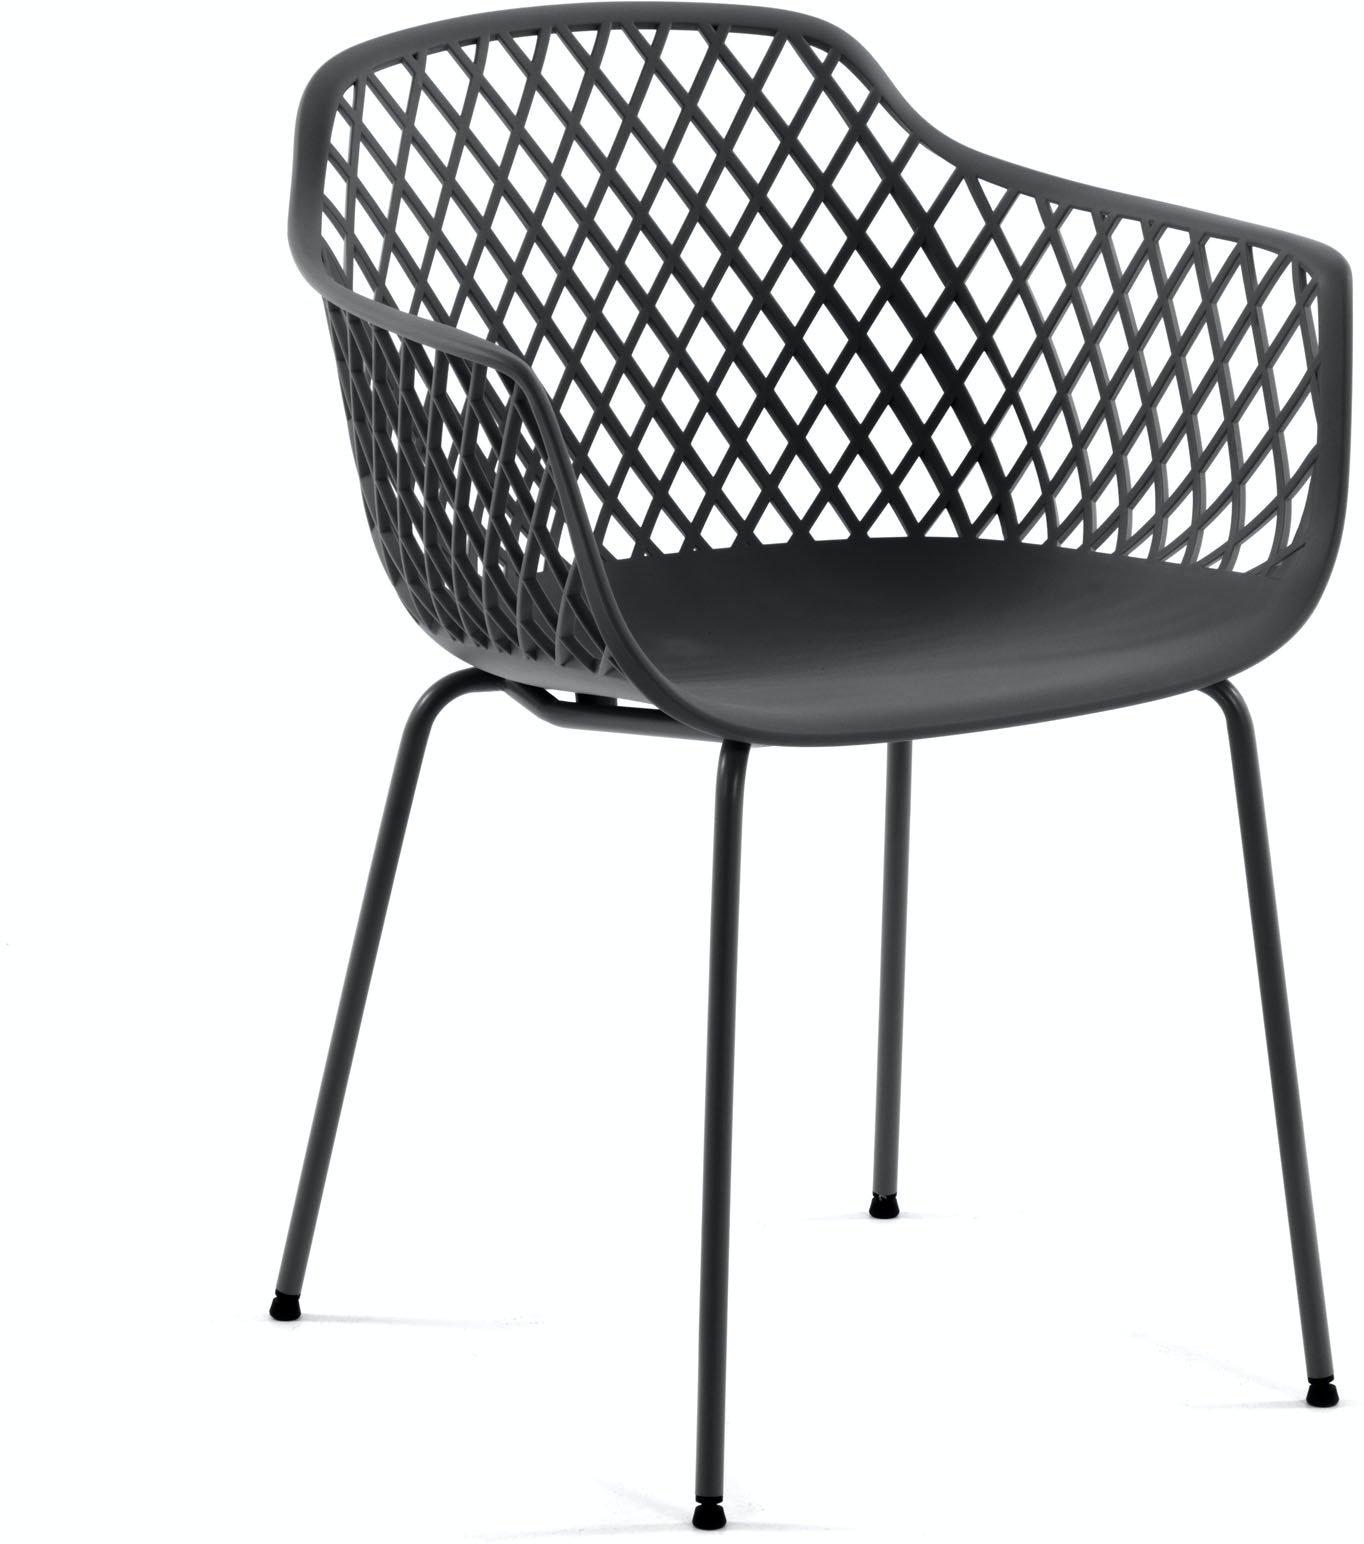 Quinn, Spisebordsstol til udendørs- og indendørsbrug by LaForma (H: 80 cm. B: 60 cm. L: 55 cm., Grå)